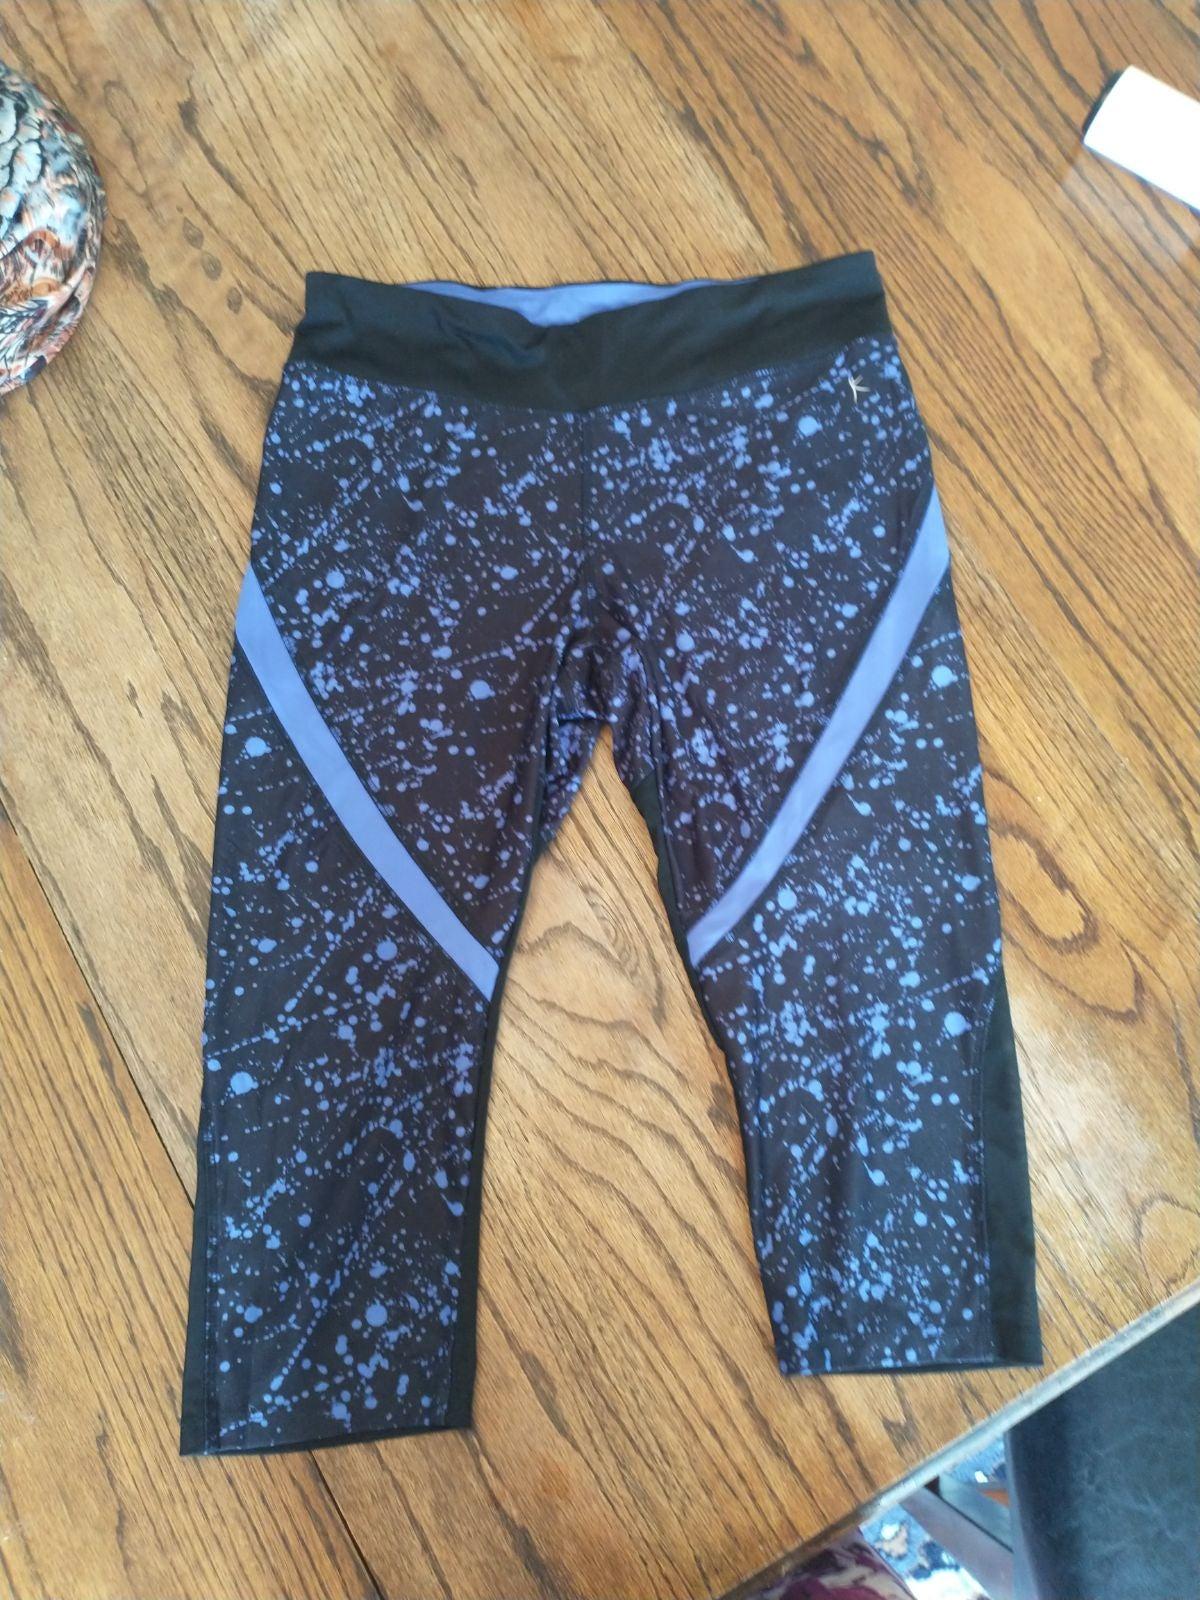 Danskin workout pants